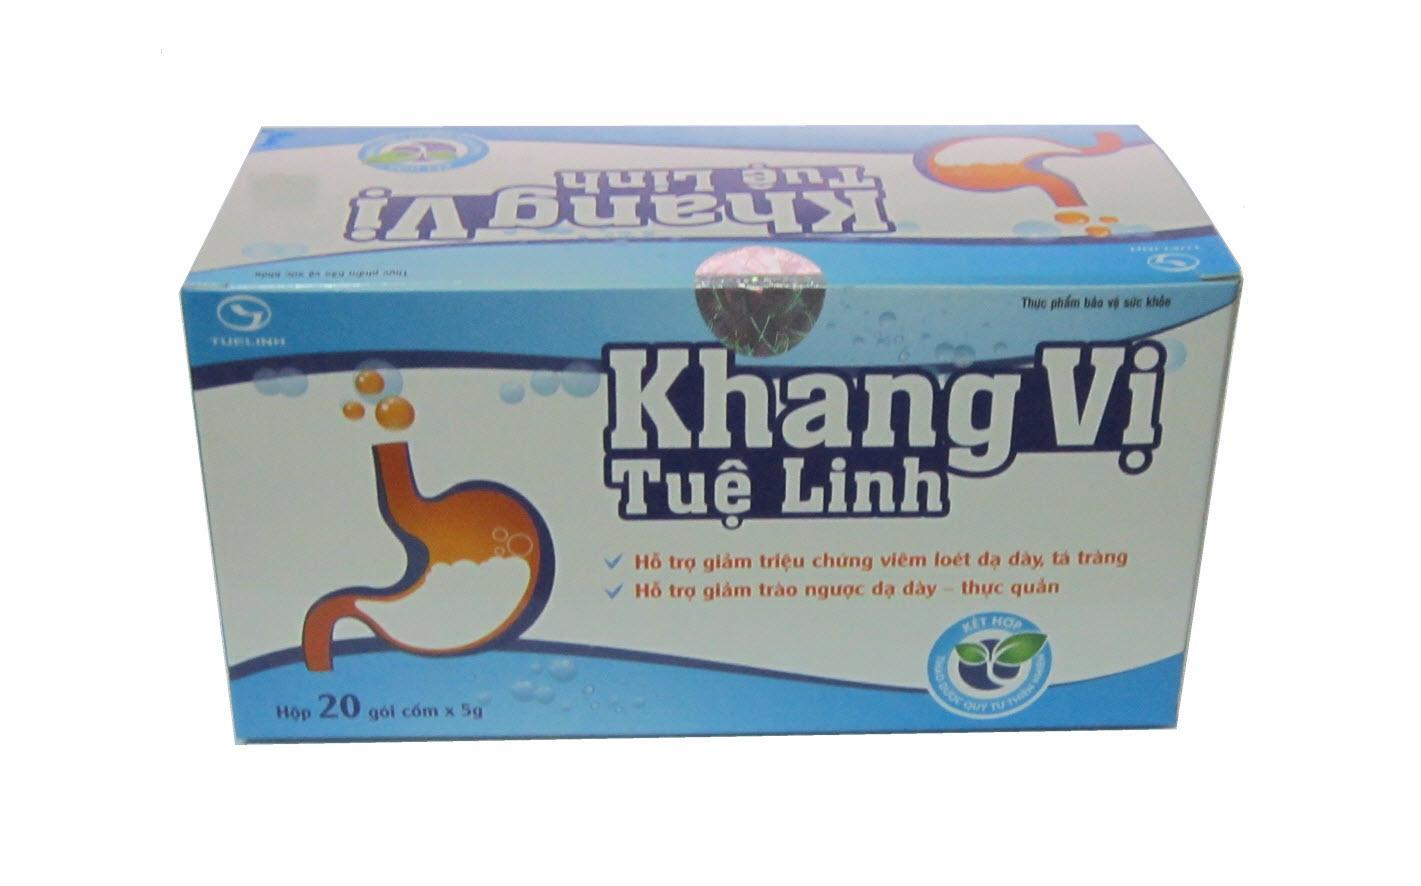 Khang Vị TUỆ LINH - Giảm viêm loét, trào ngược dạ dày (Hộp 20 gói)